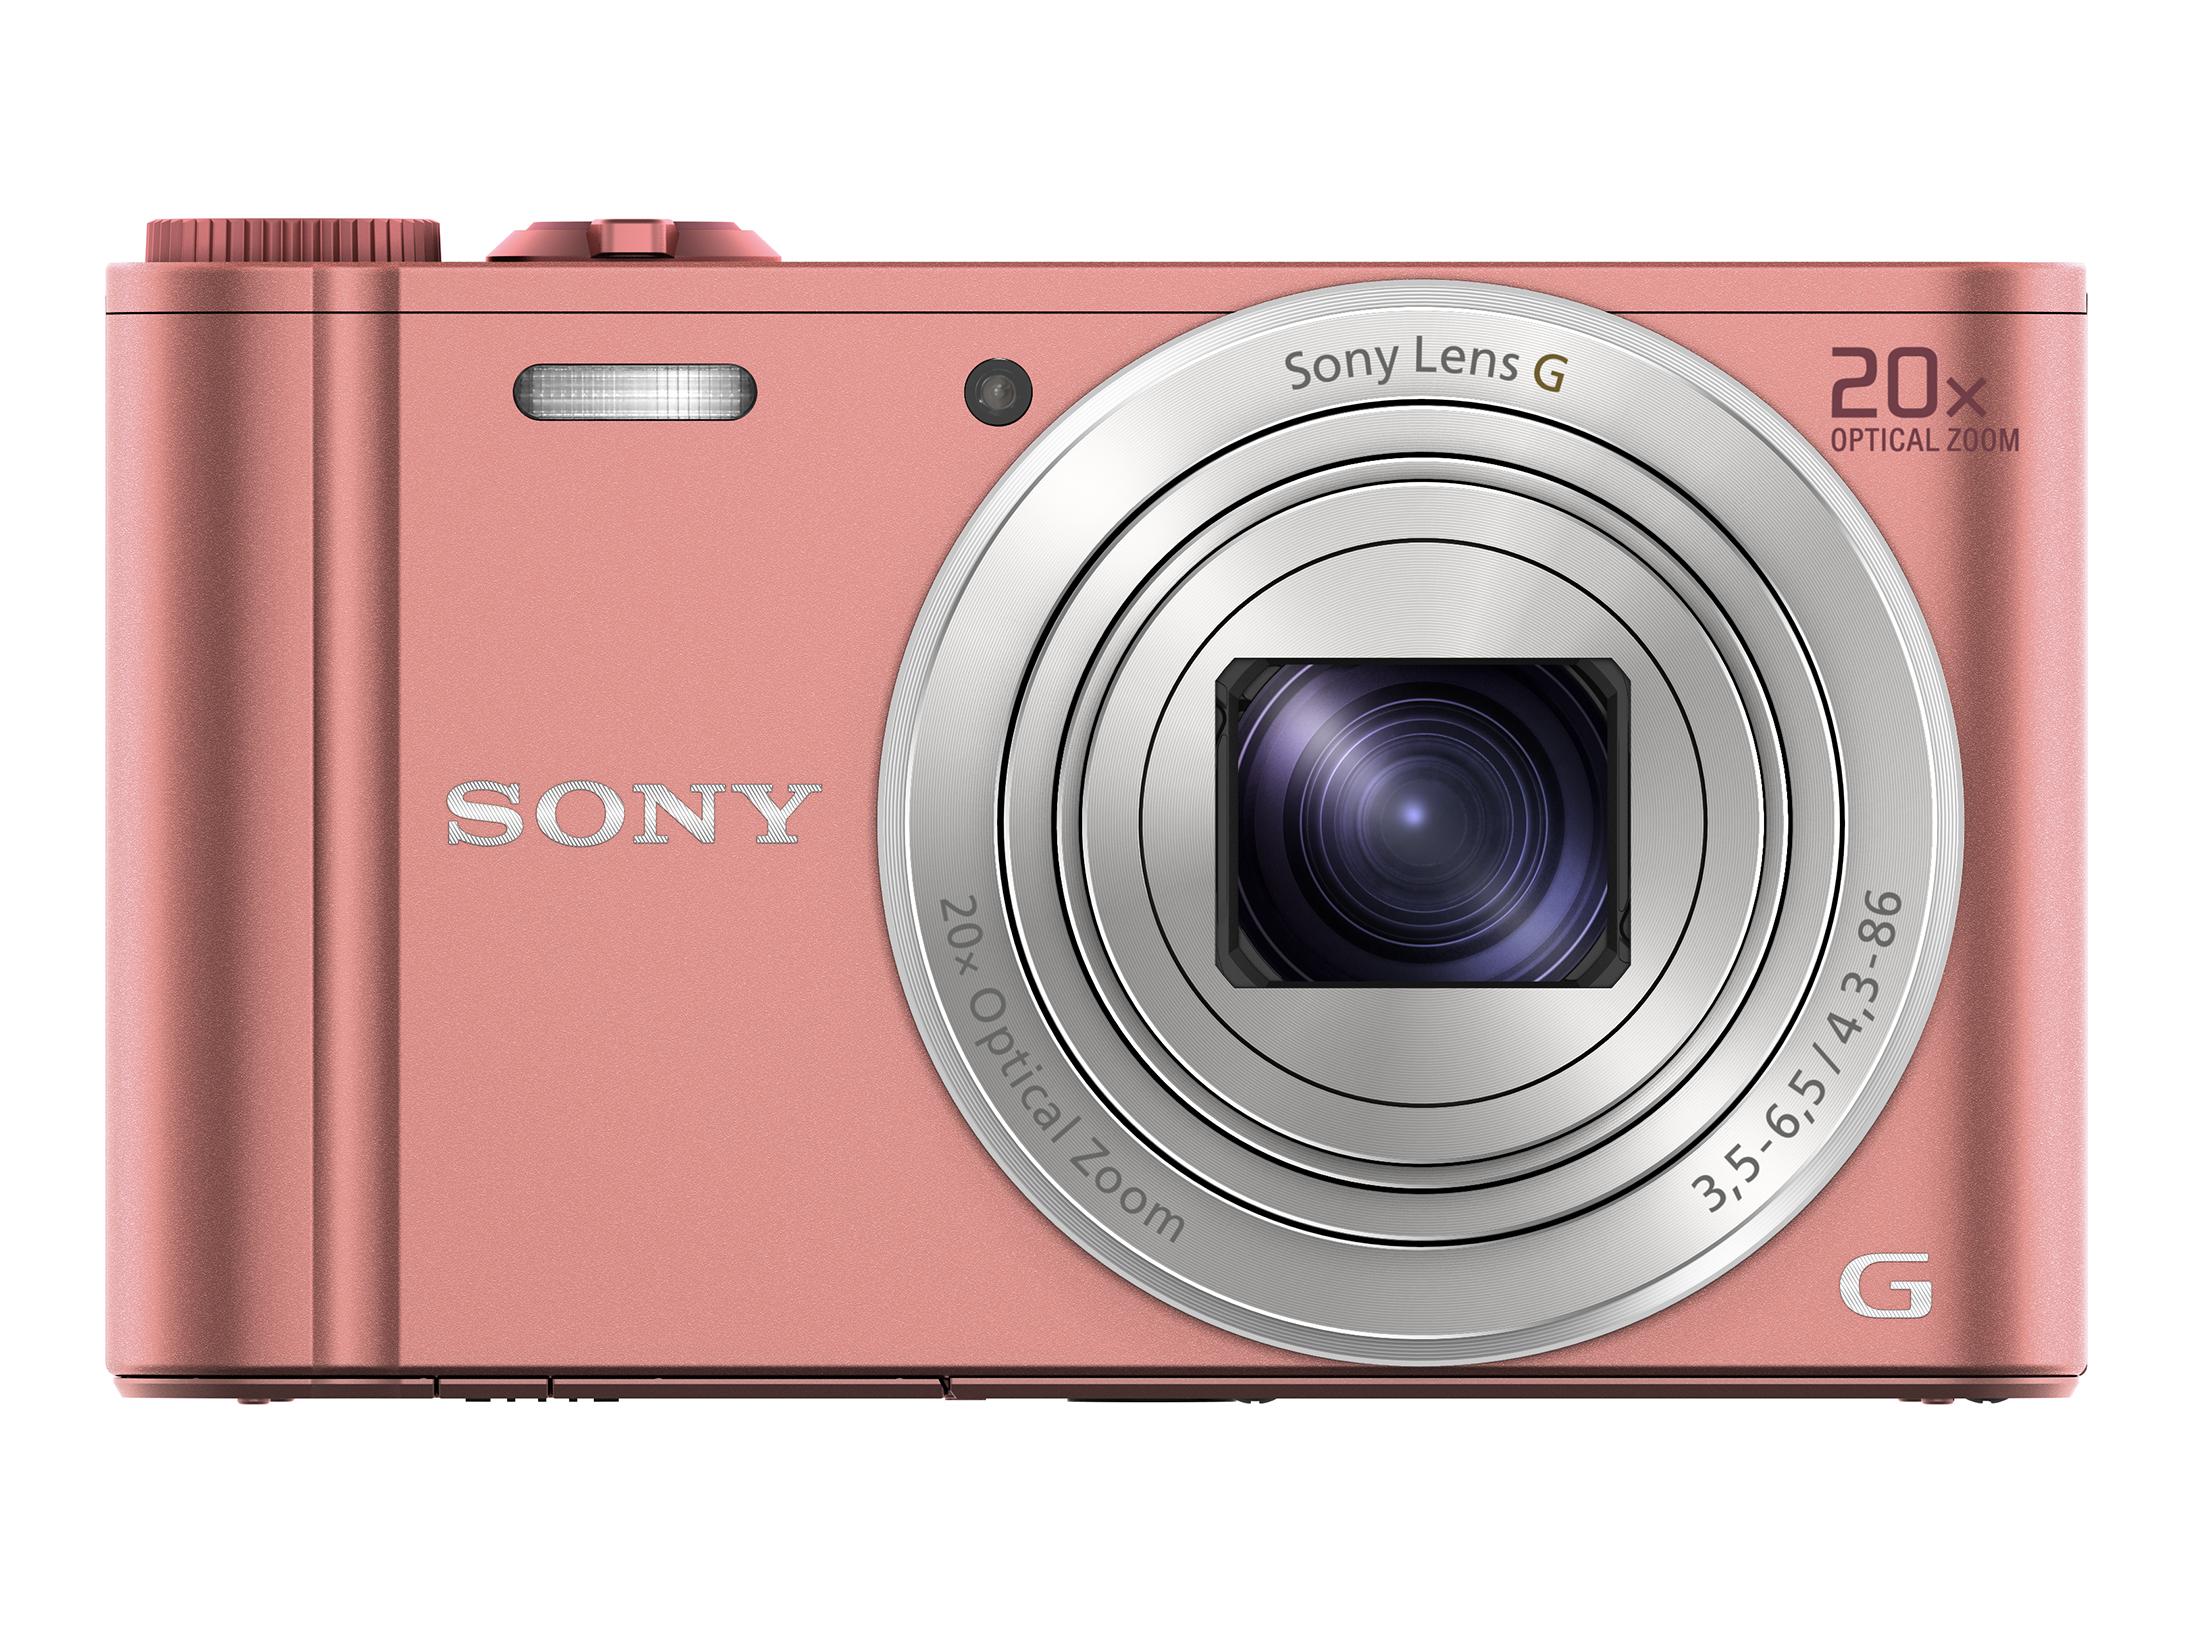 Sony Cyber Shot Dsc Wx350 Appareil Photo Numérique Compact 182 Mp 20x Zoom Optique Wi Fi Nfc Rose